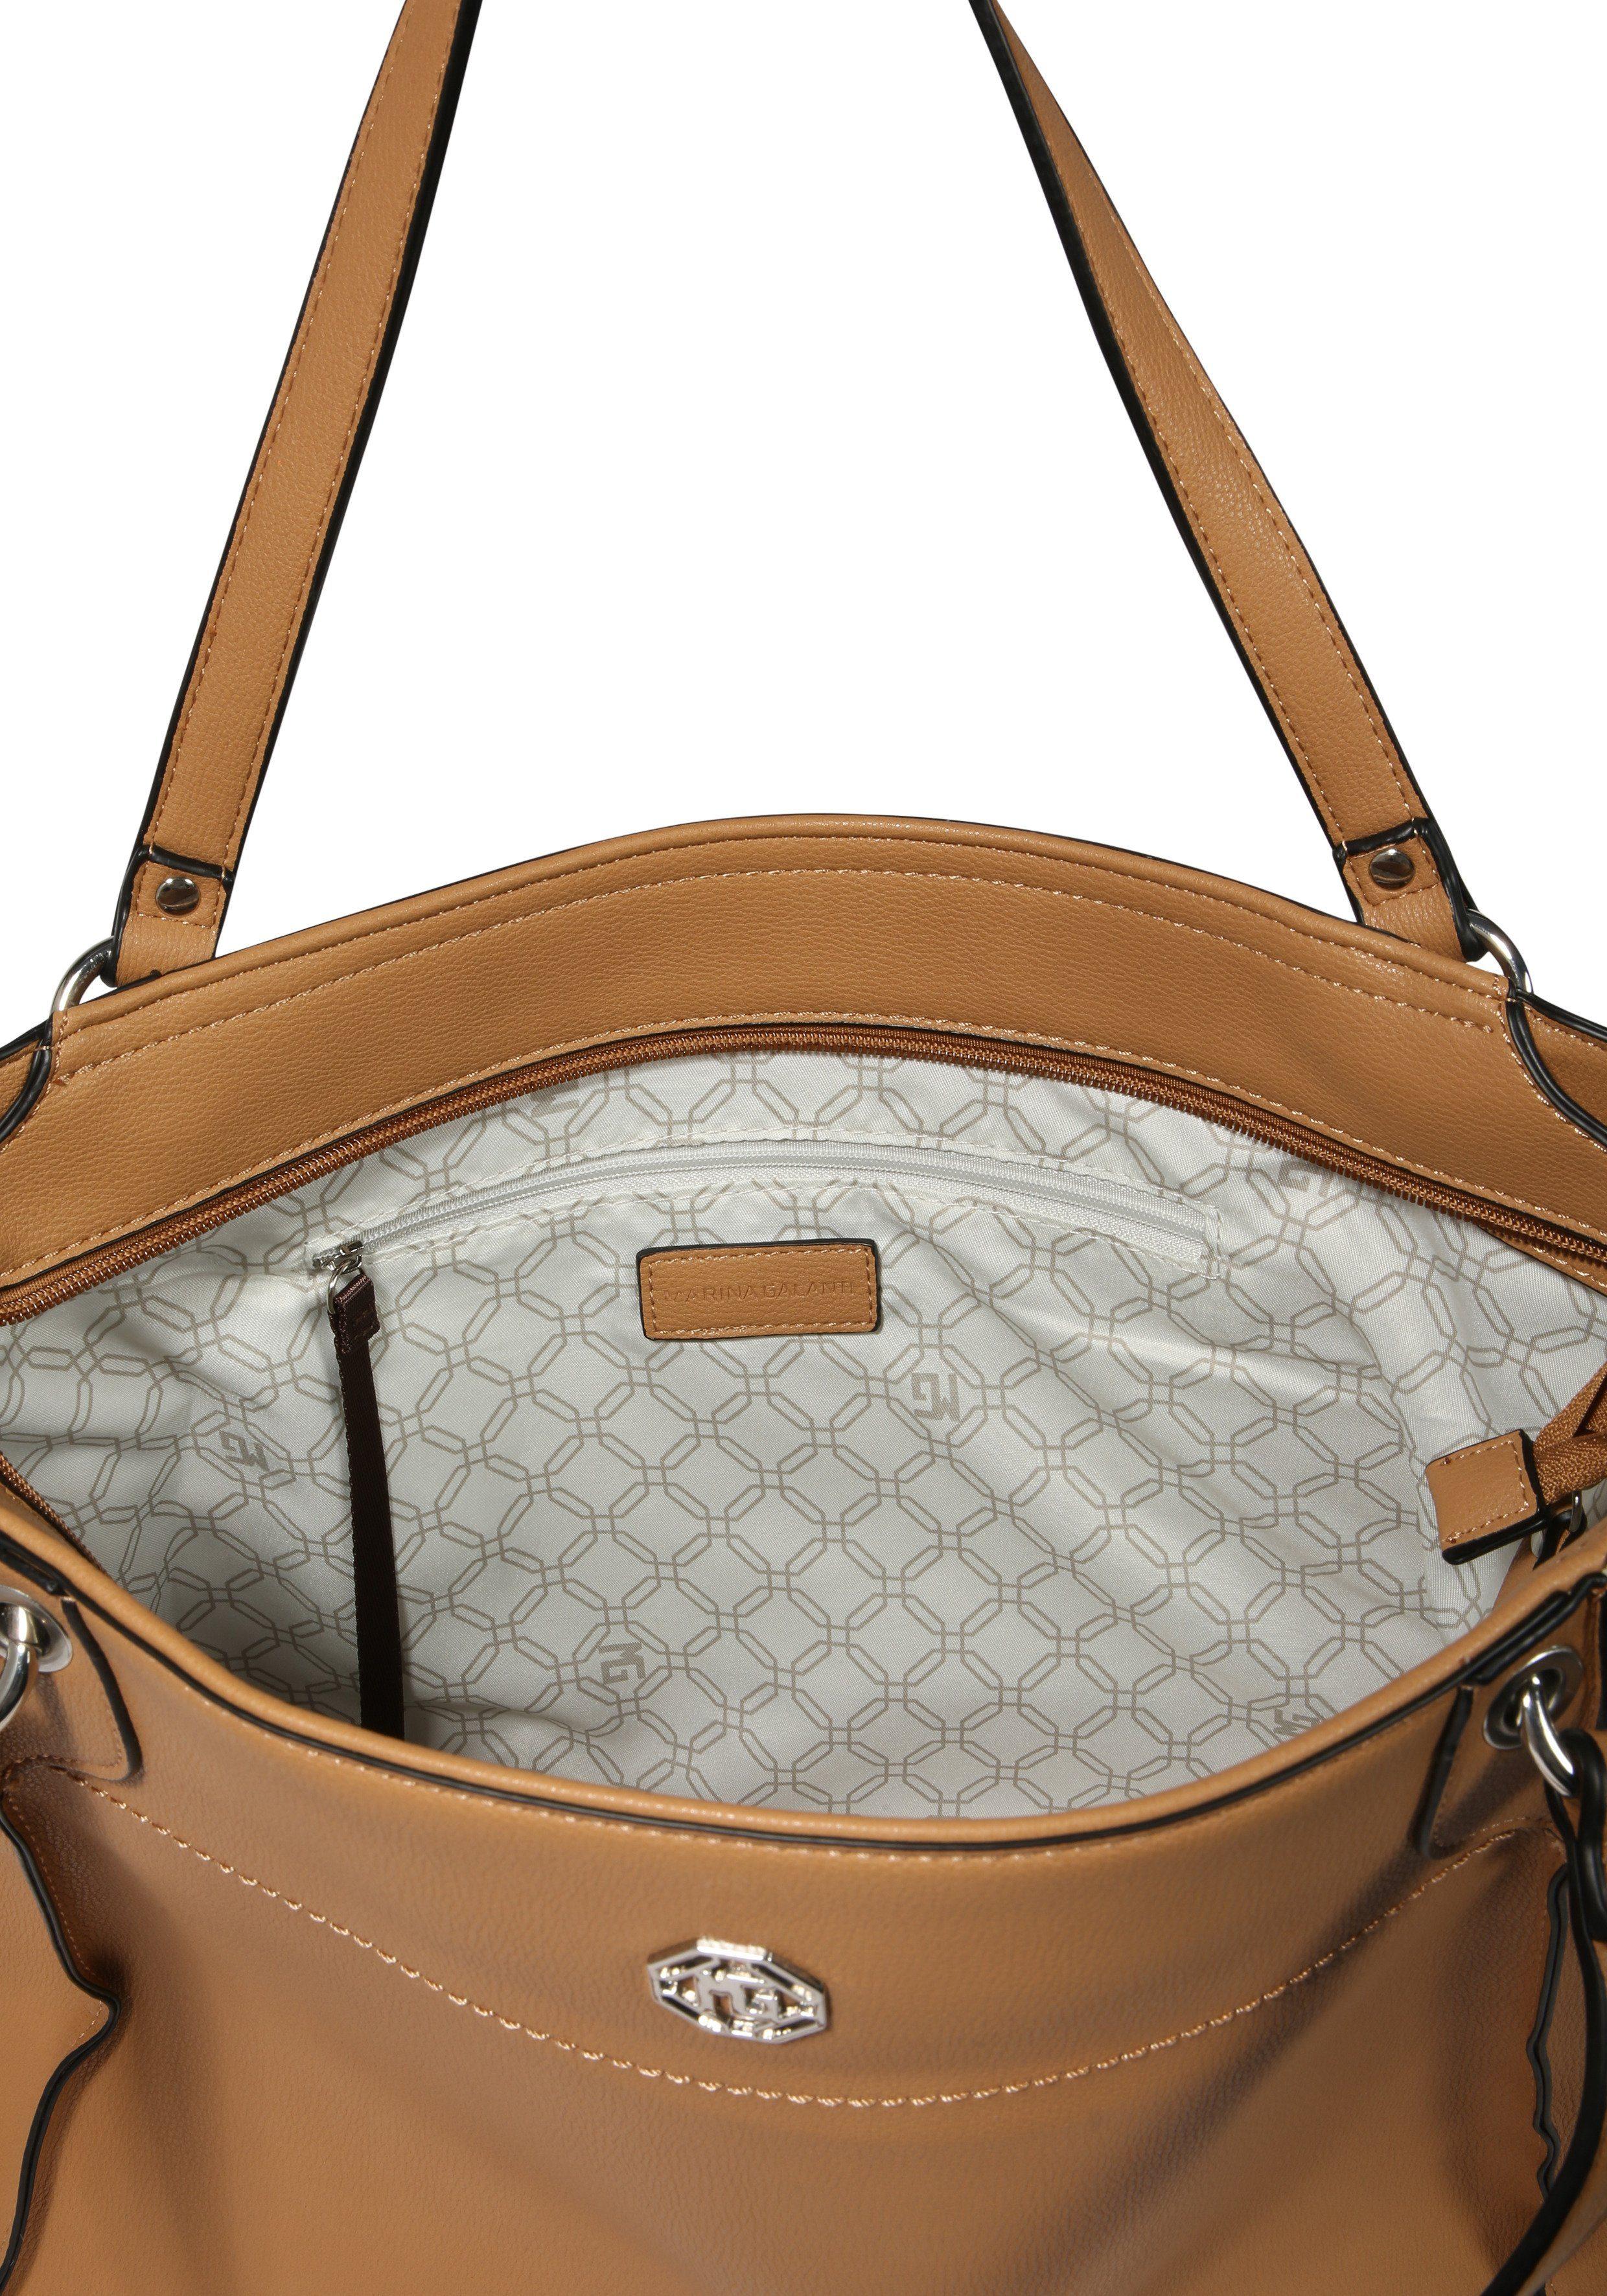 4500812999 Kaufen Piu nr Elegantem In Design Artikel Er Henkeltasche wSxR8AO1q